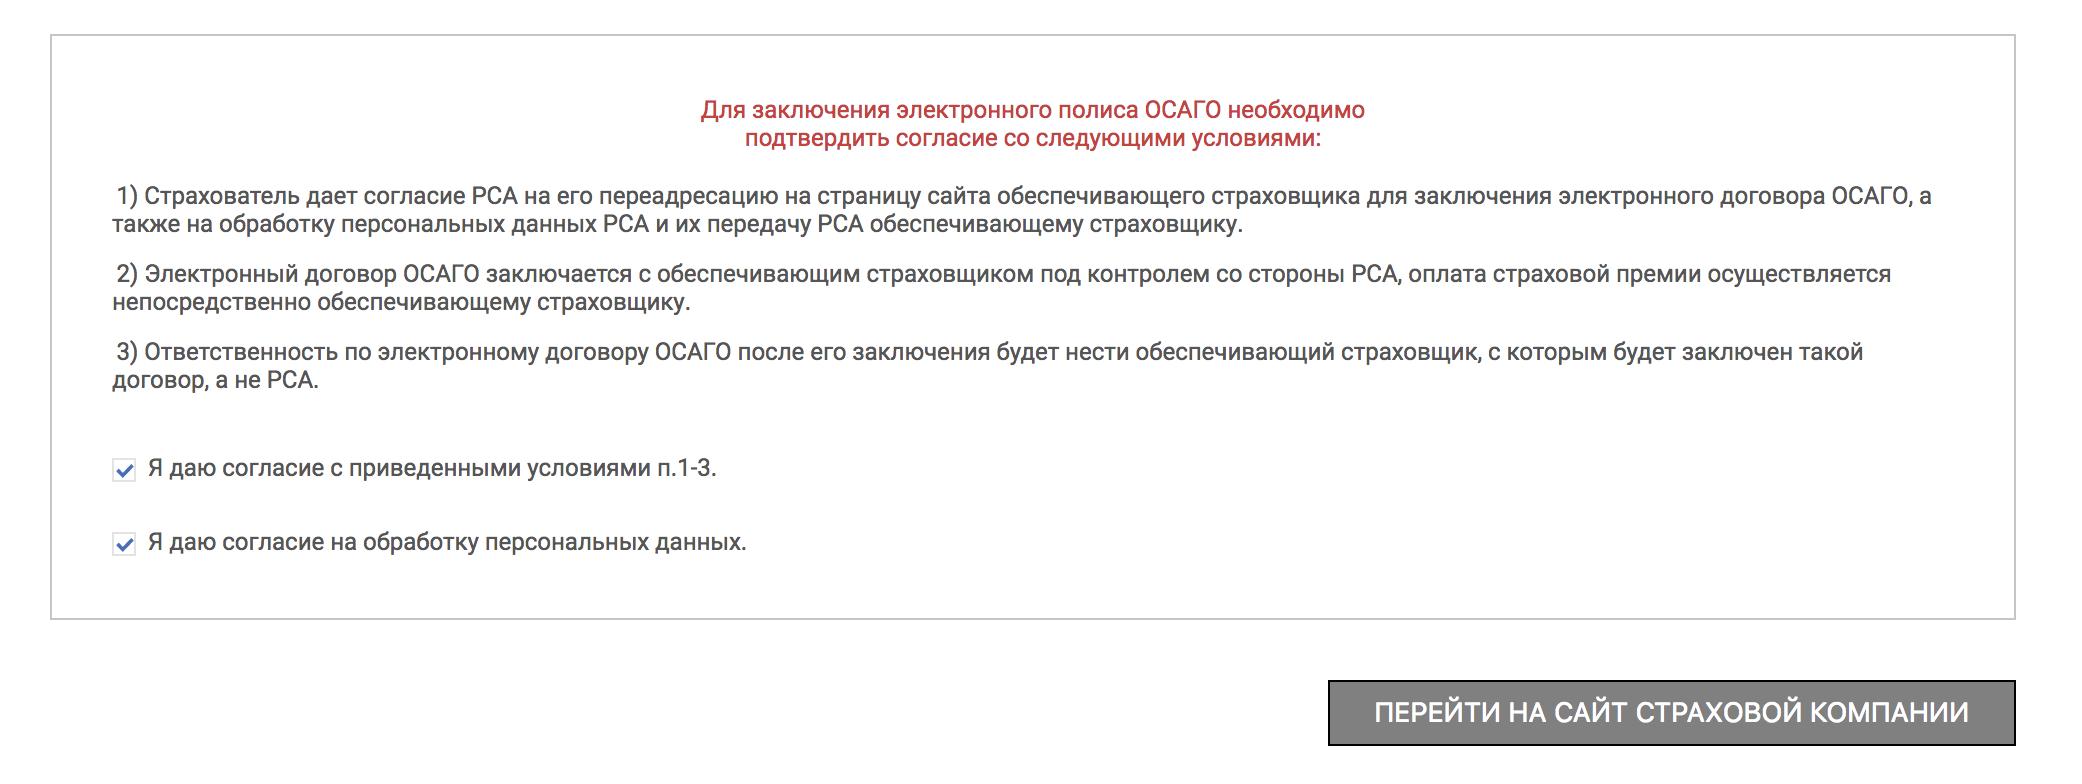 рса официальный сайт номер телефона автозайм под птс ростов на дону